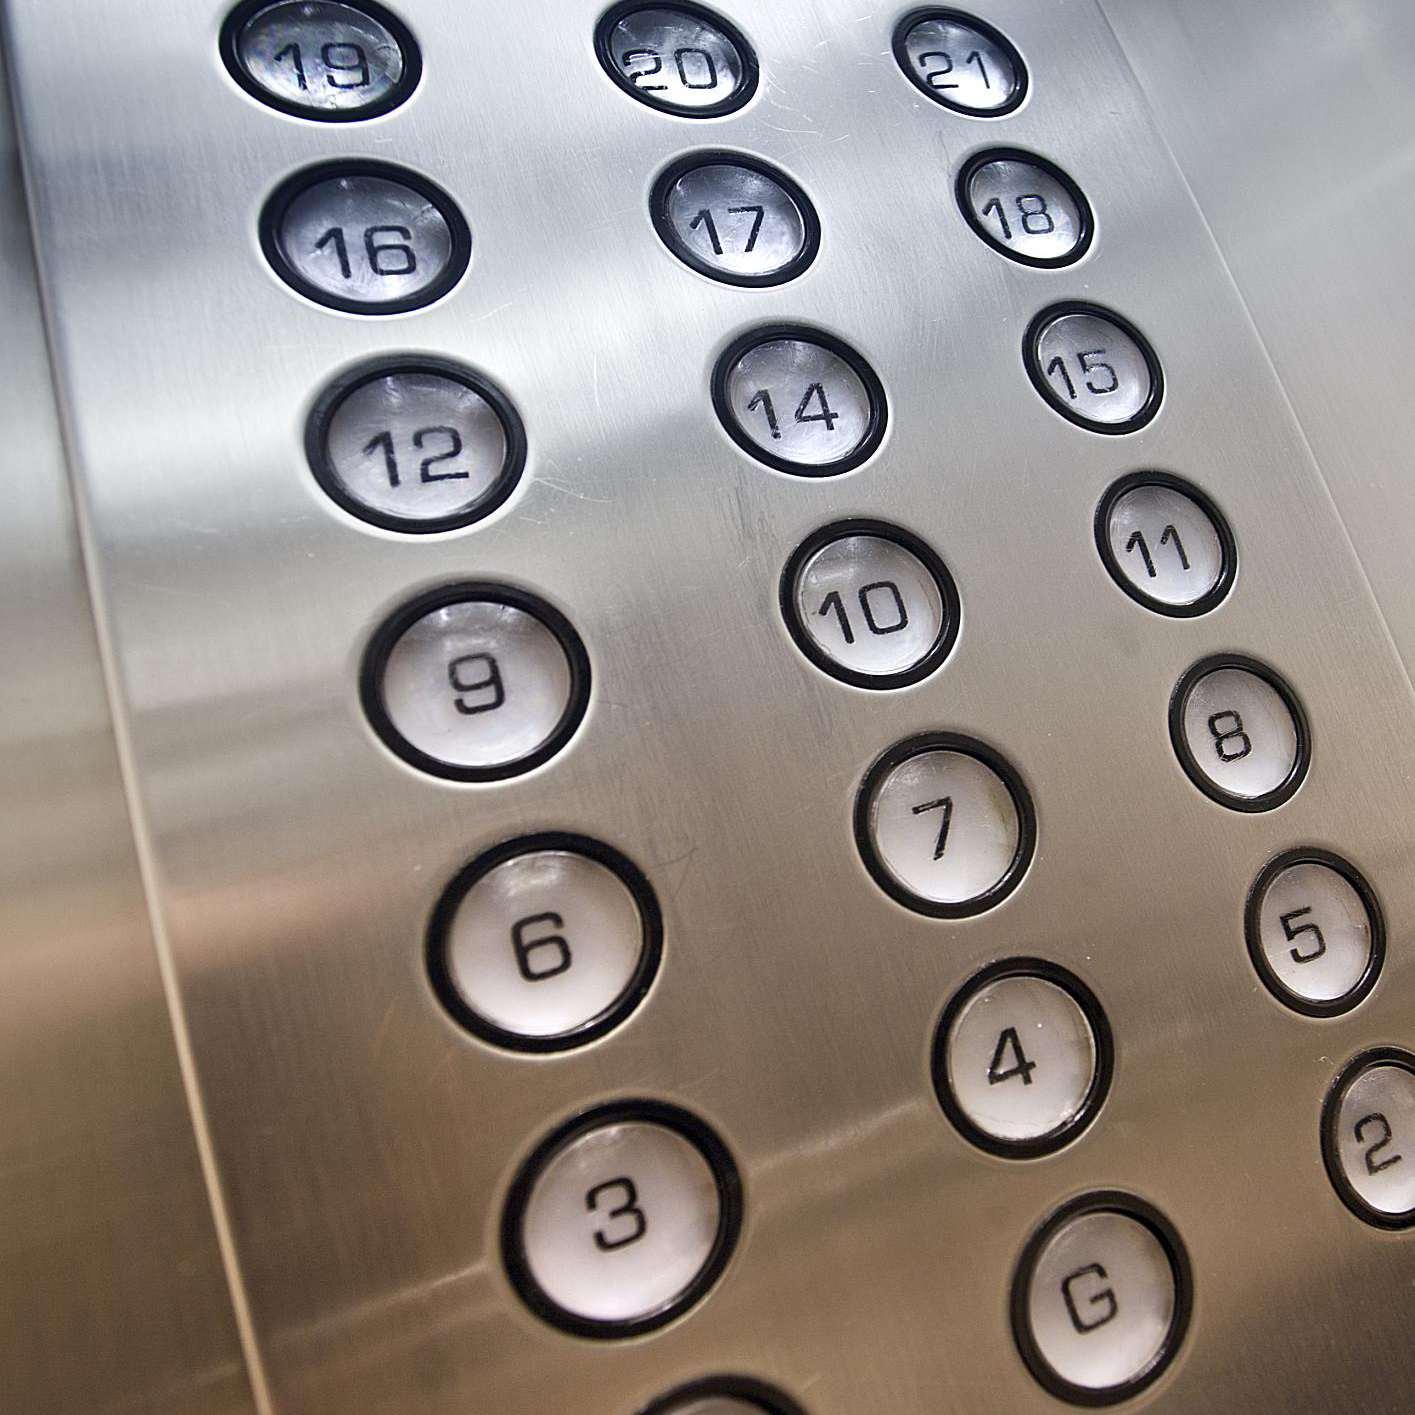 Botones de un elevador